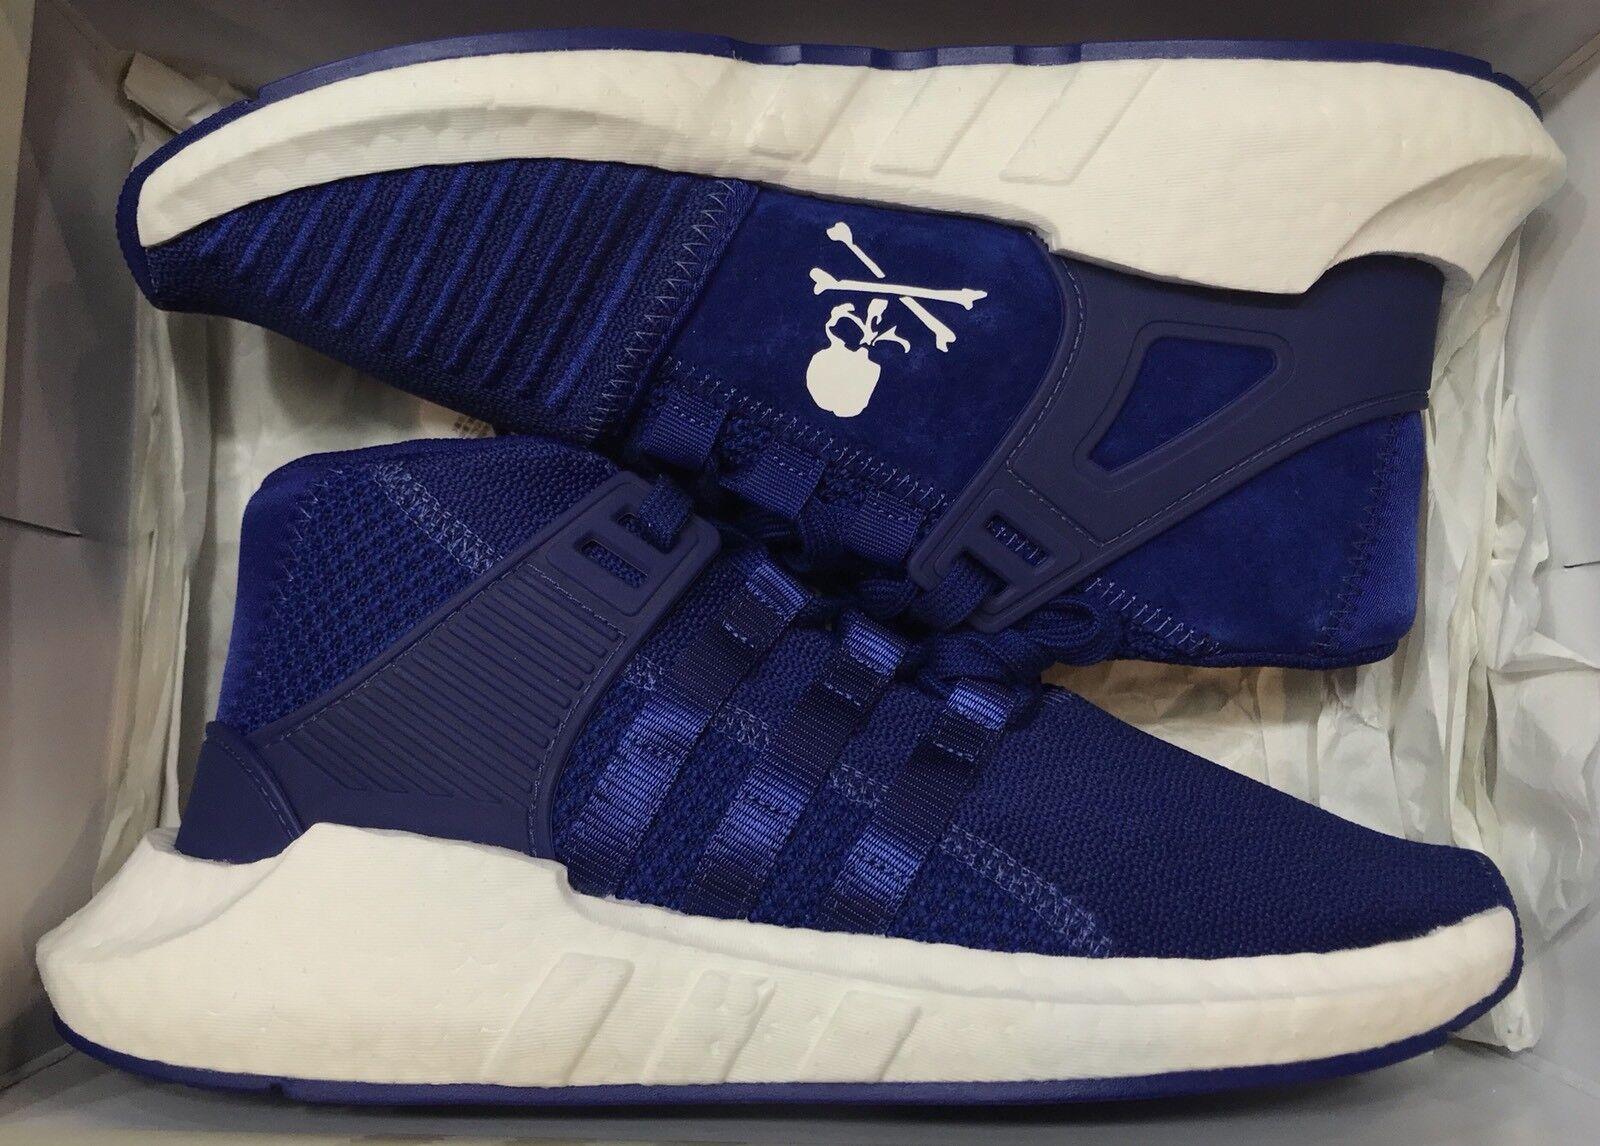 Adidas eqt mitte blau mmw superhirn rätsel tinte blau mitte unterstützen cq1825 sz 8,5 df4242